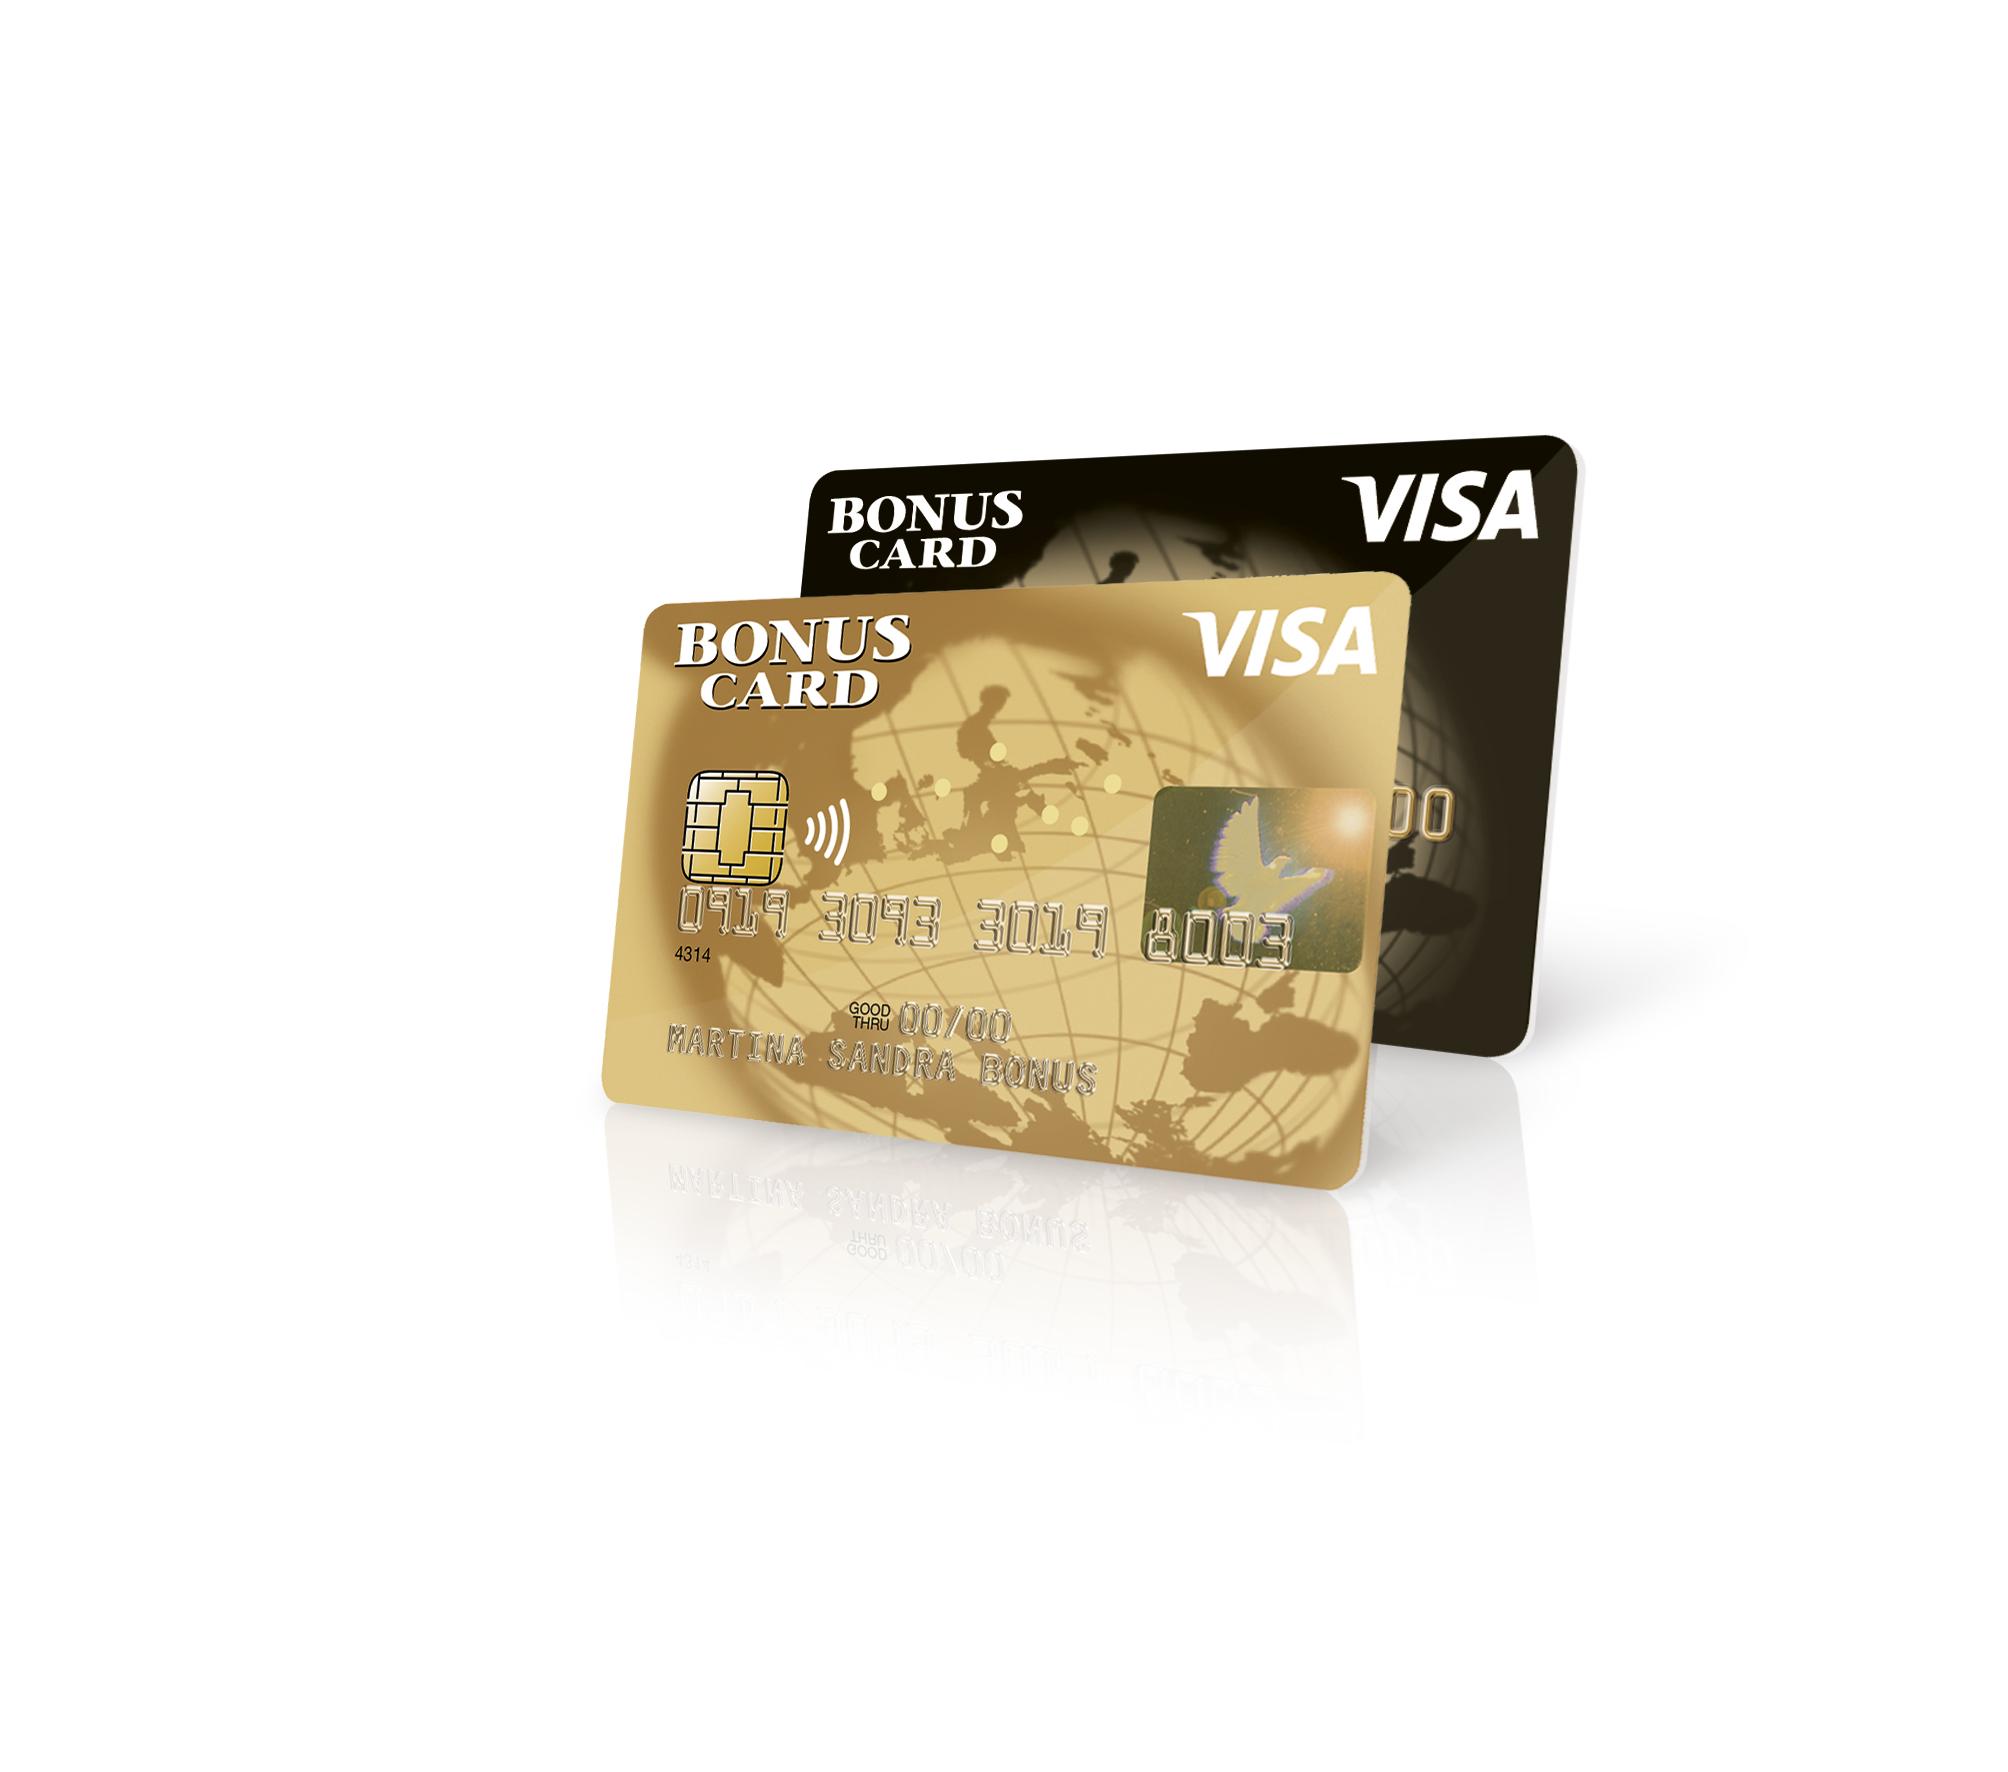 Visa Bonus Cards